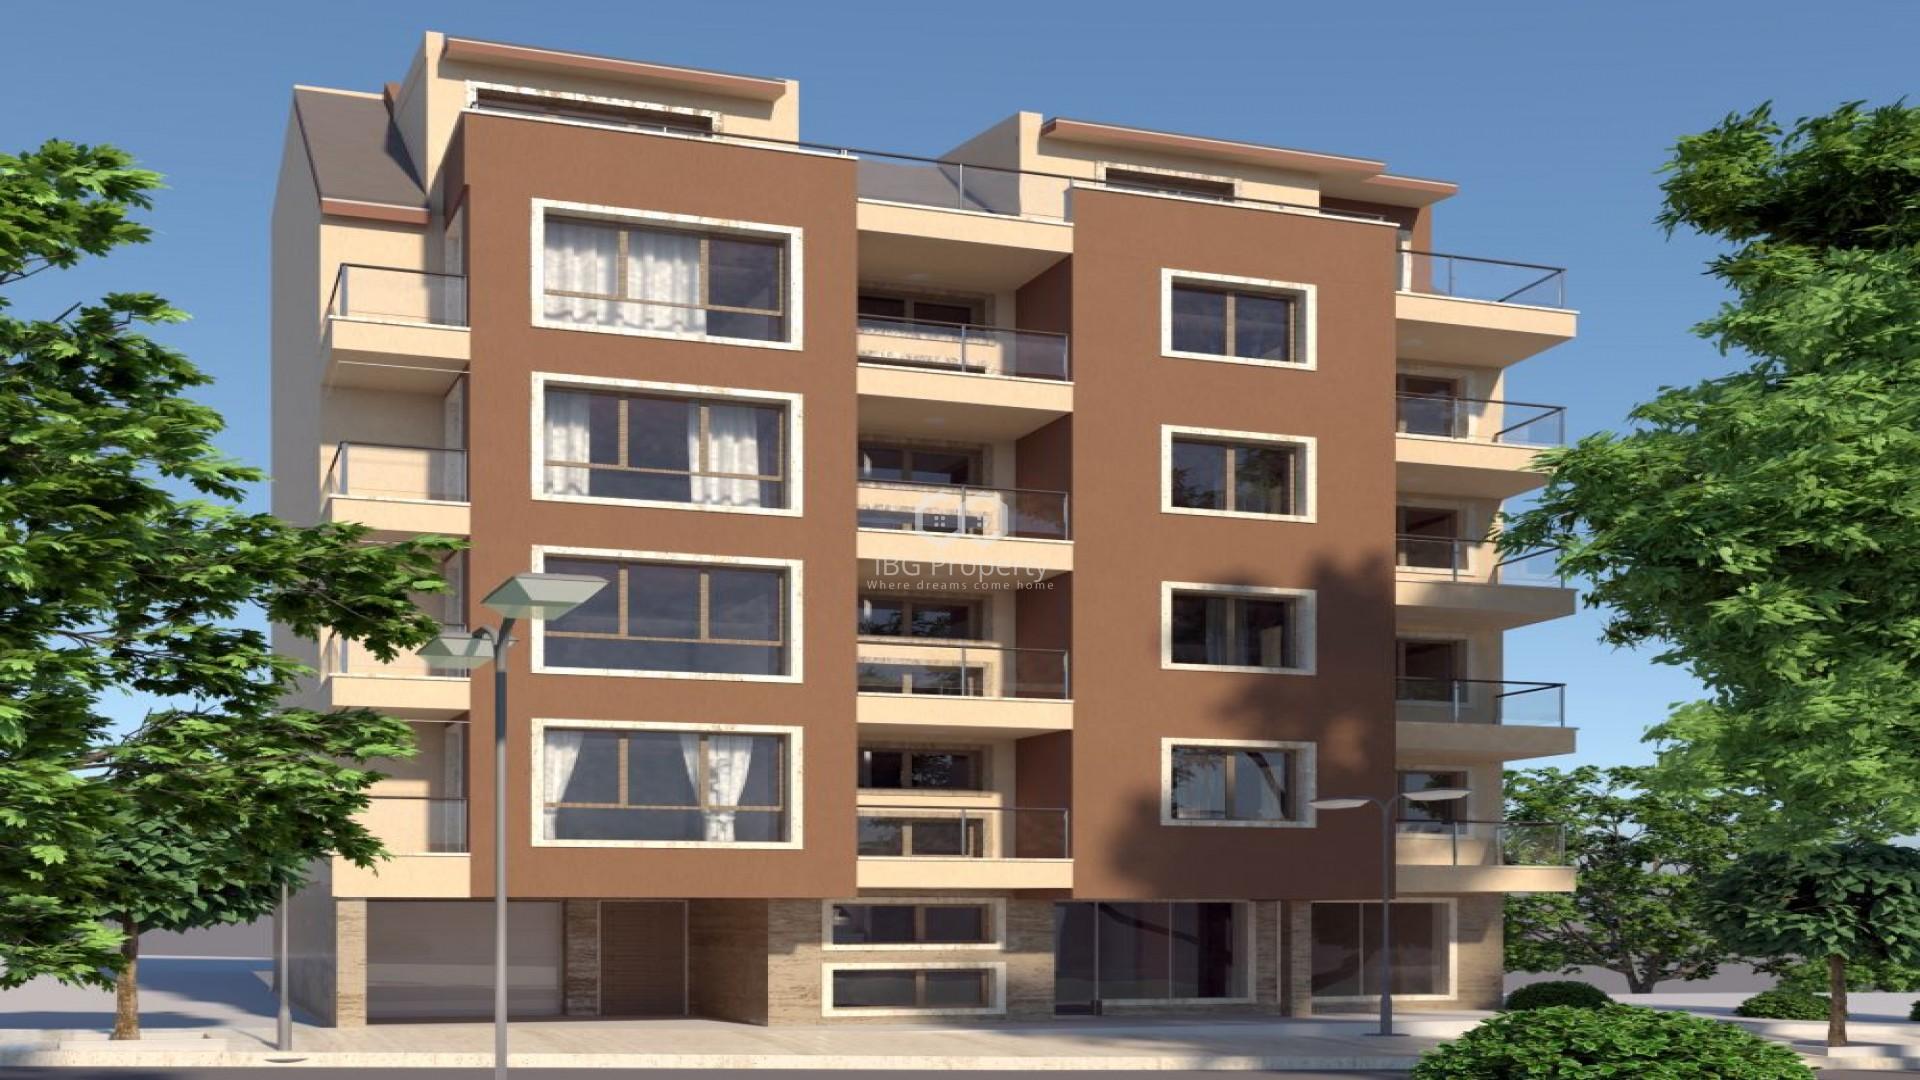 Двустаен апартамент Колхозен пазар Варна 61,69 m2